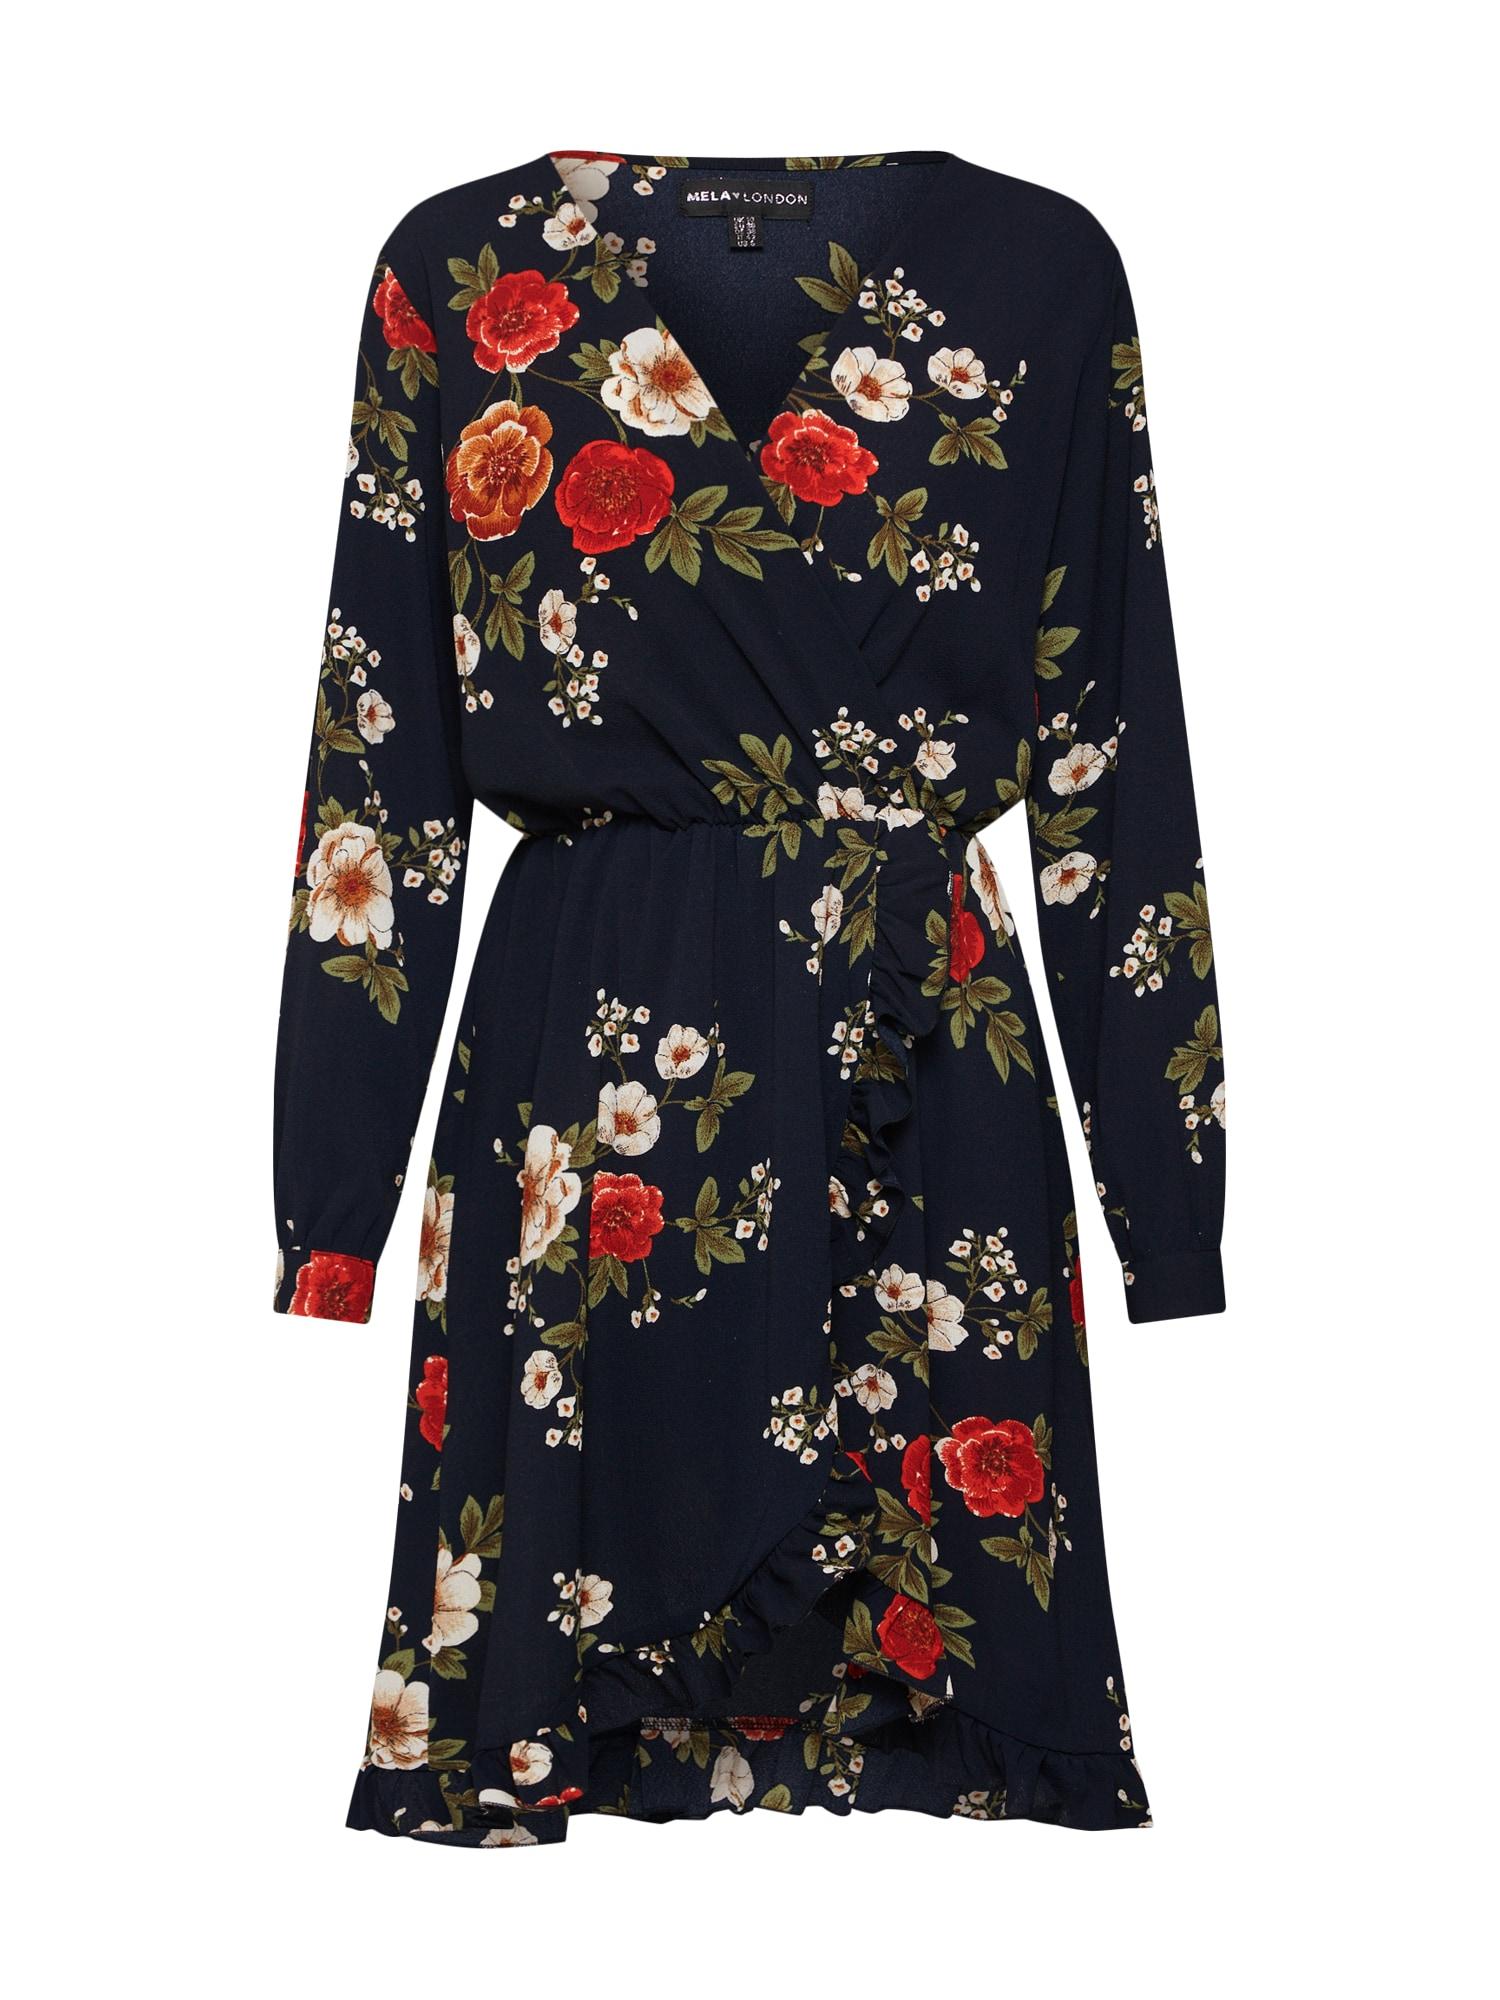 Šaty FLORAL FRONT FRILL DRESS námořnická modř mix barev Mela London